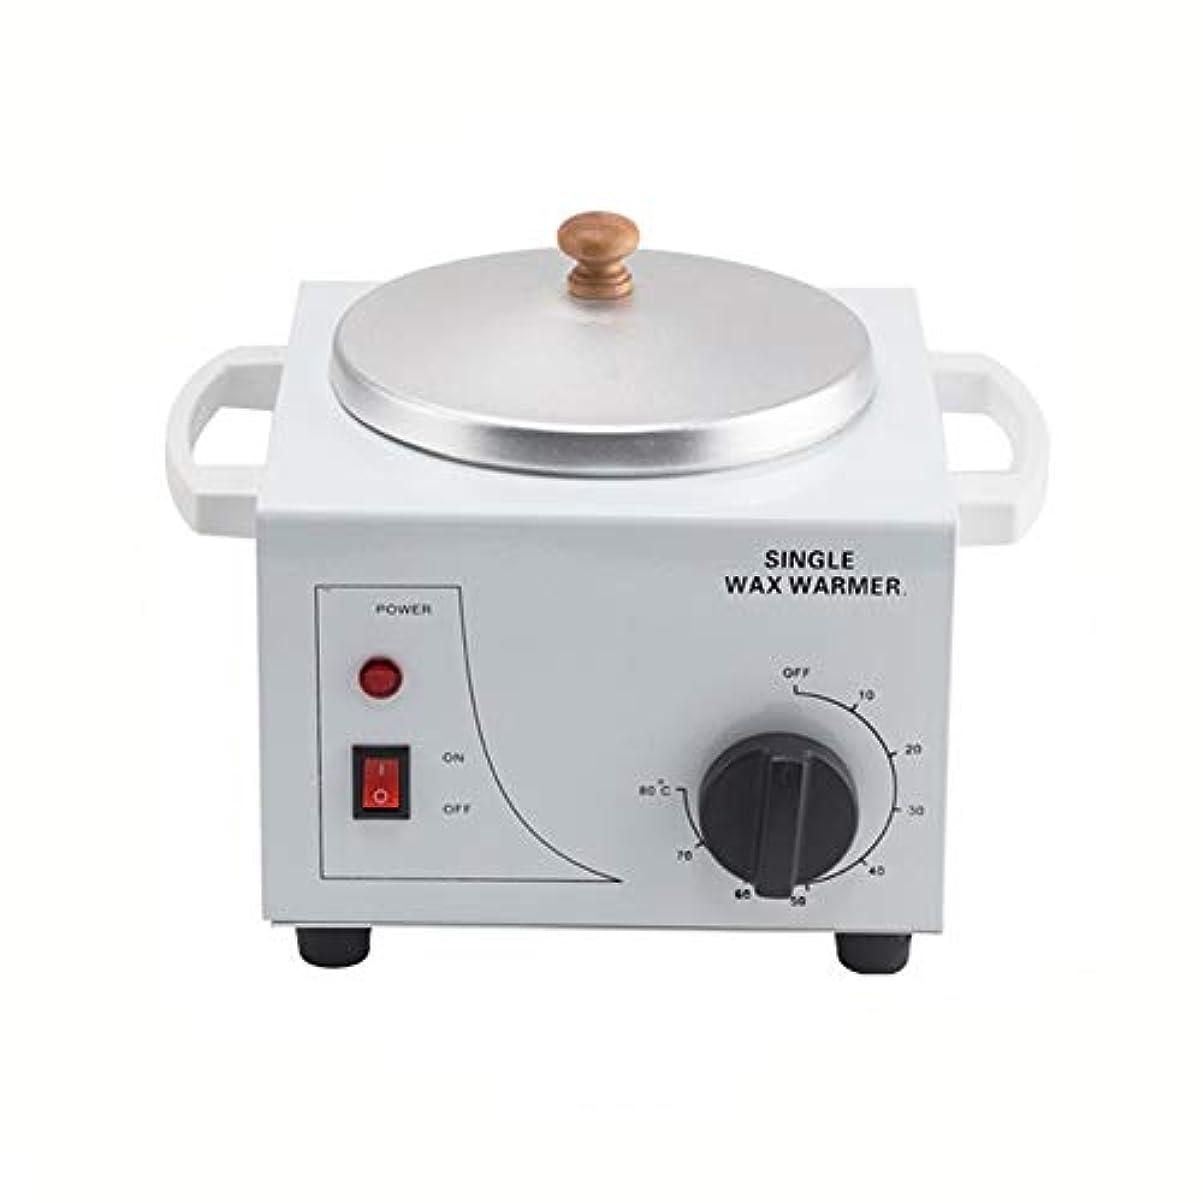 キッチンパートナー私たち自身プロフェッショナル電気ワックスウォーマーとヒーター、速くて痛みのない脱毛、ビューティーサロンワックスポット多機能シングルマウス炉温度制御脱毛ワックス豆ヒーター500CC